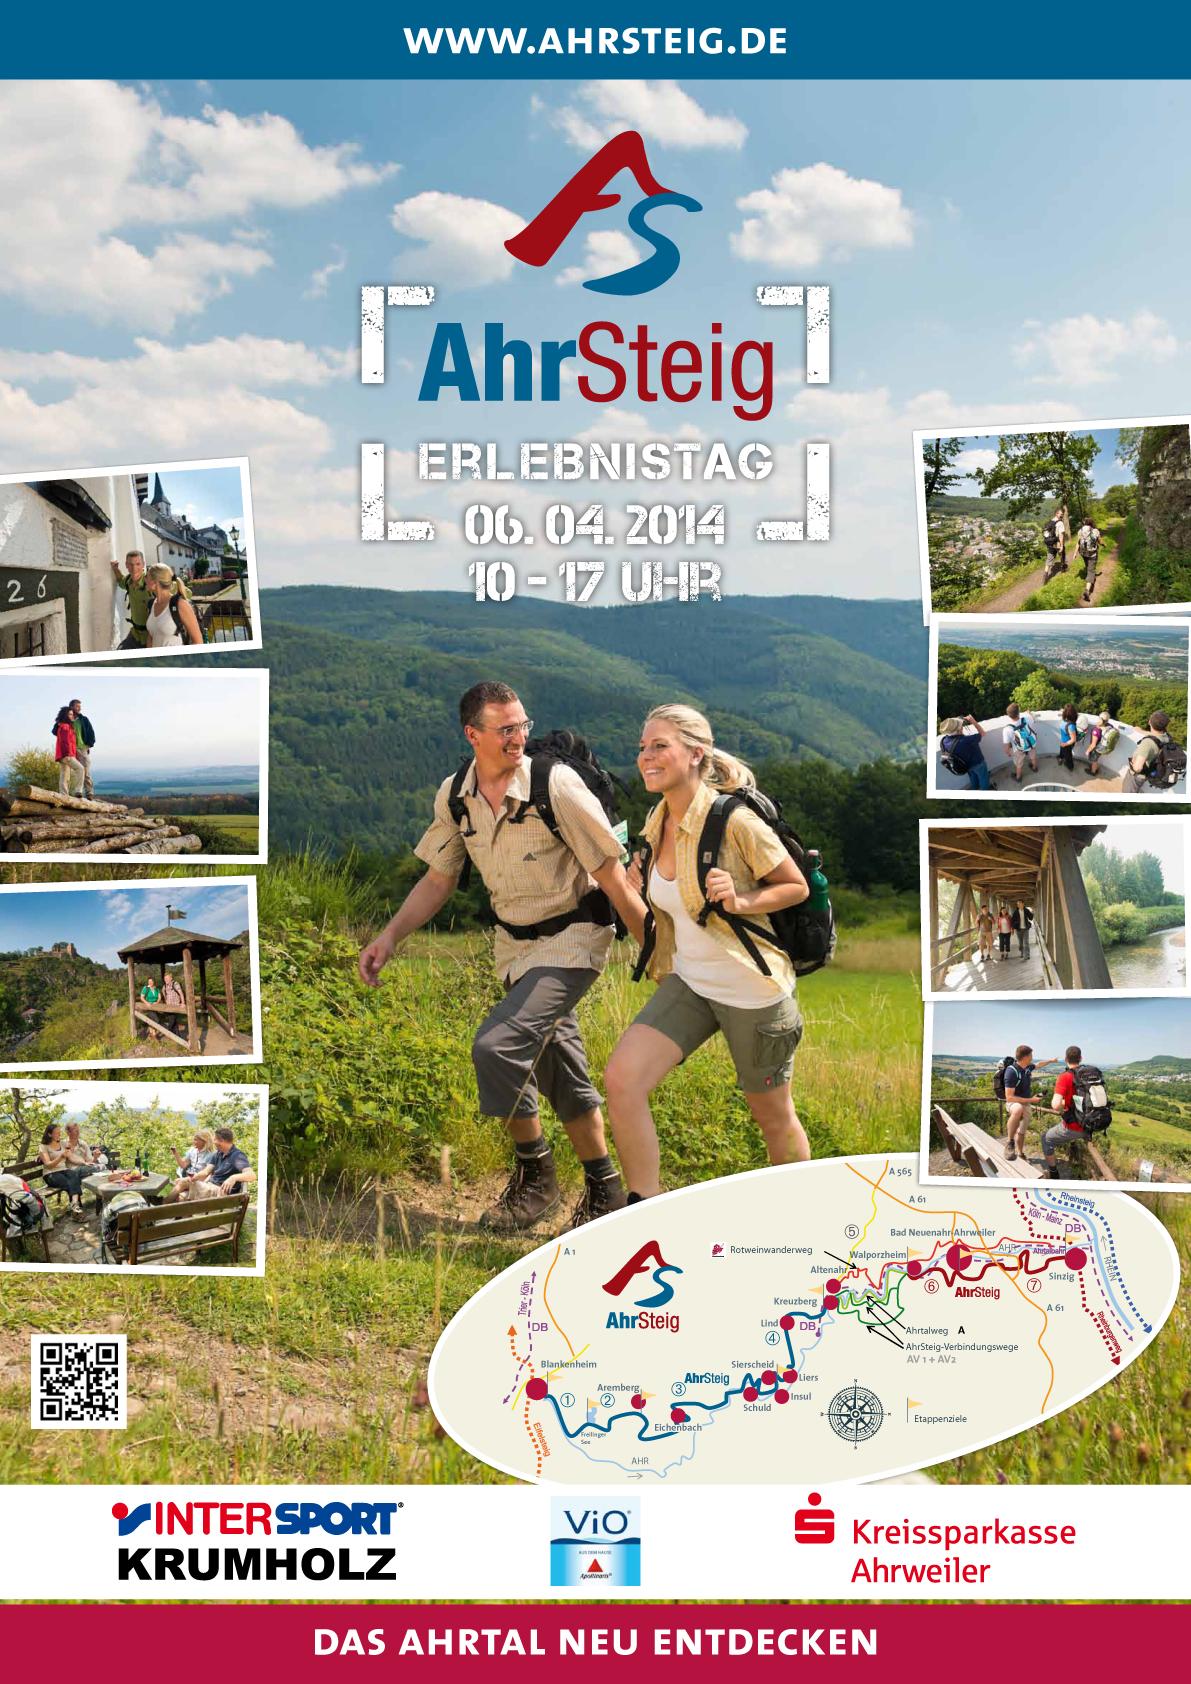 Ahrsteig- Erlebnistag- Wandern, Kaffeetrinken..ein schöner Tag